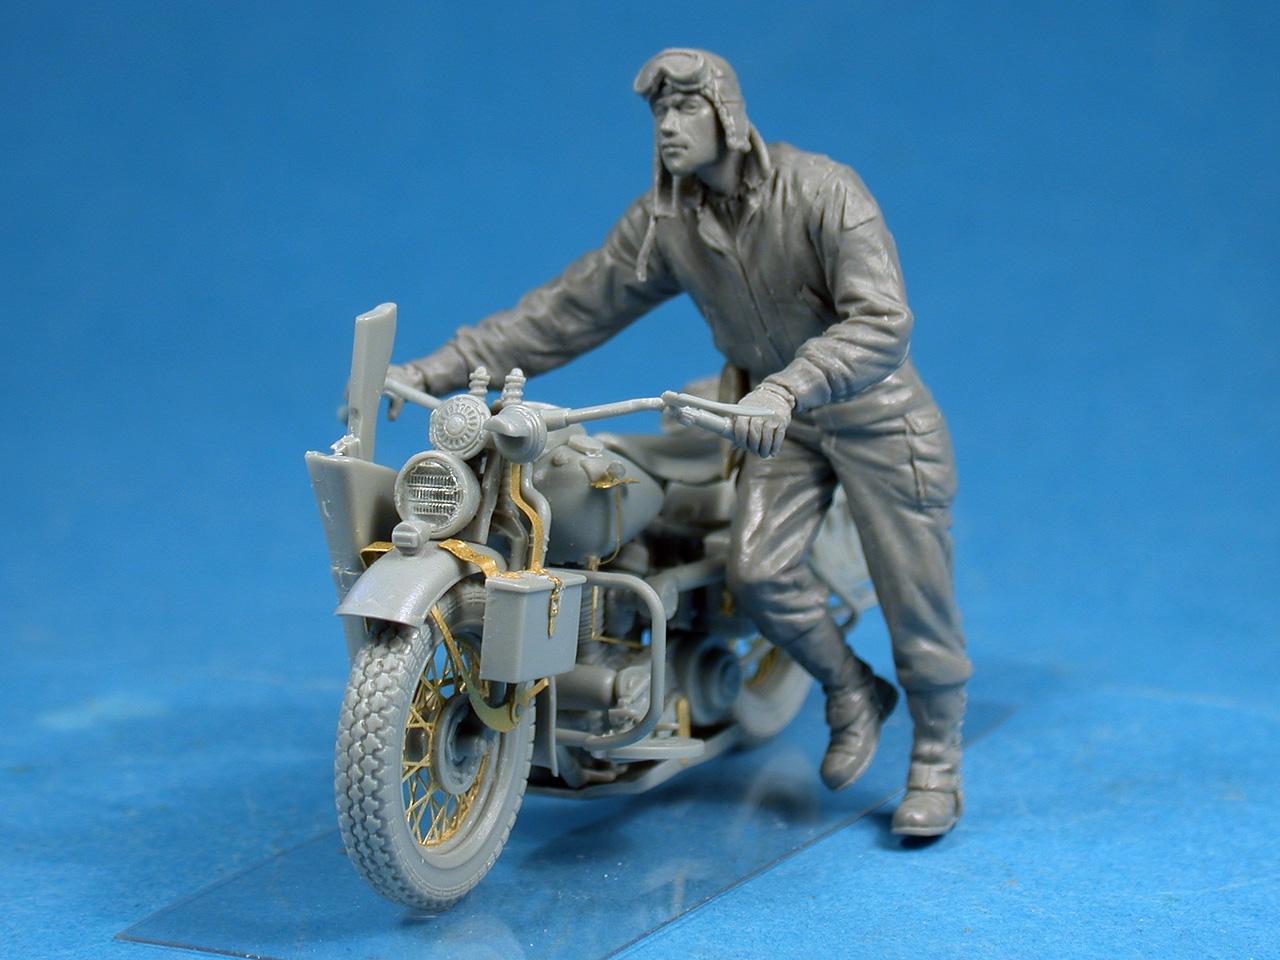 35182バイクを押すアメリカ兵